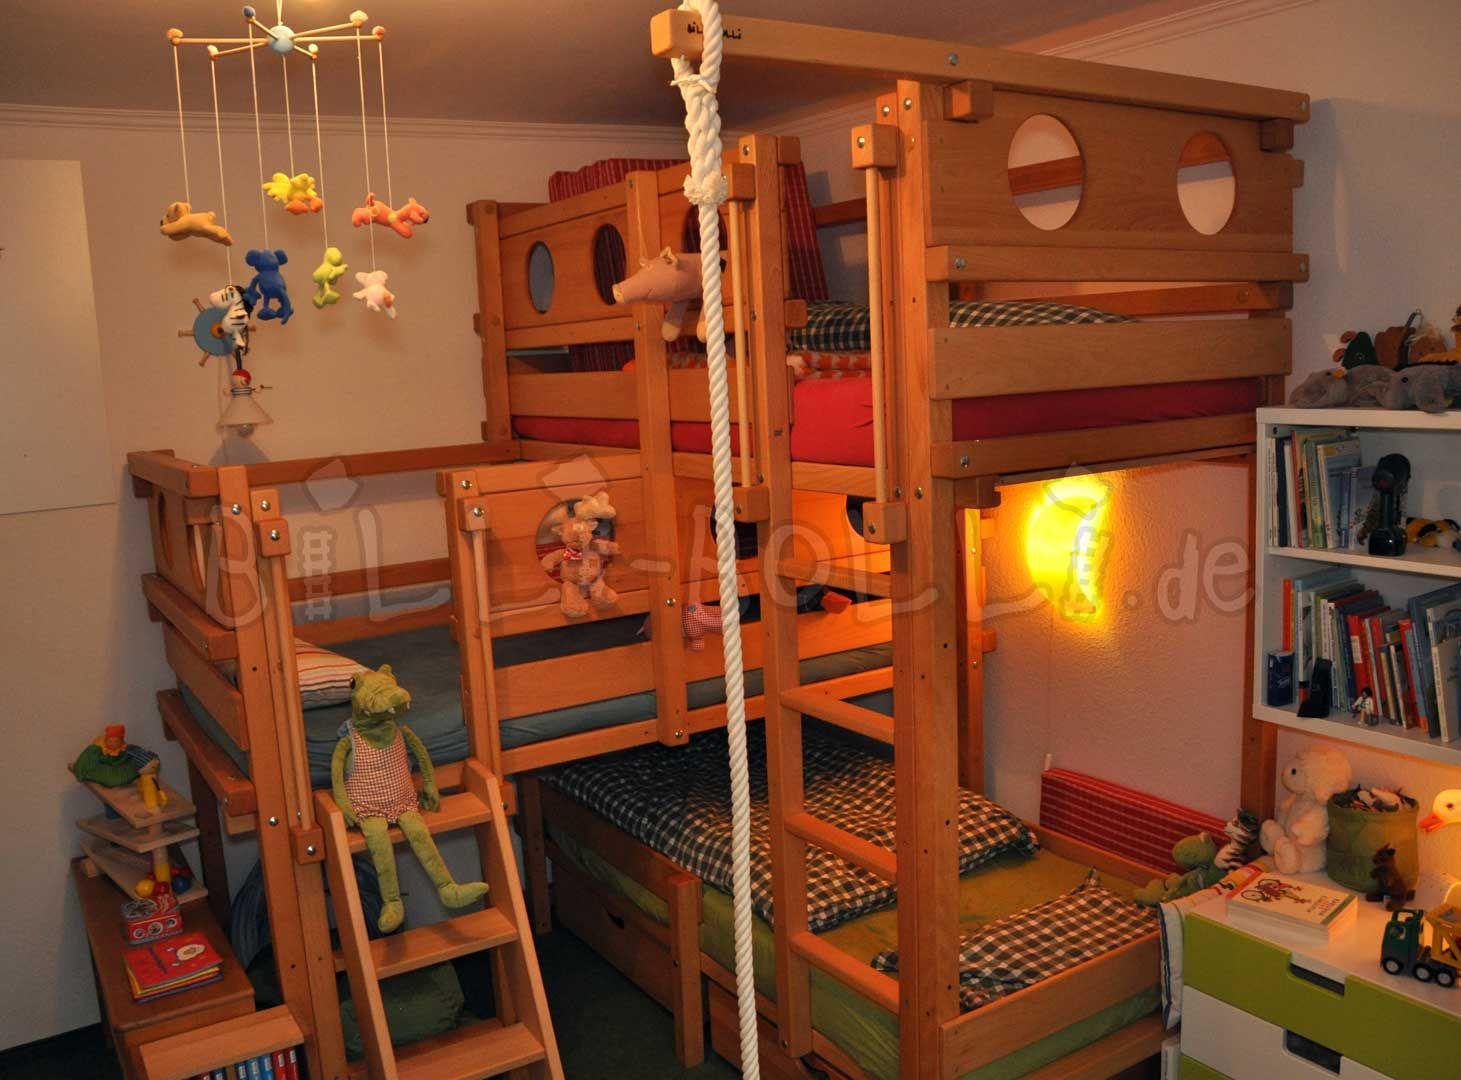 Dreier-Betten | online kaufen | Billi-Bolli Kindermöbel | Ökoideen ... | {Kindermöbel online 29}